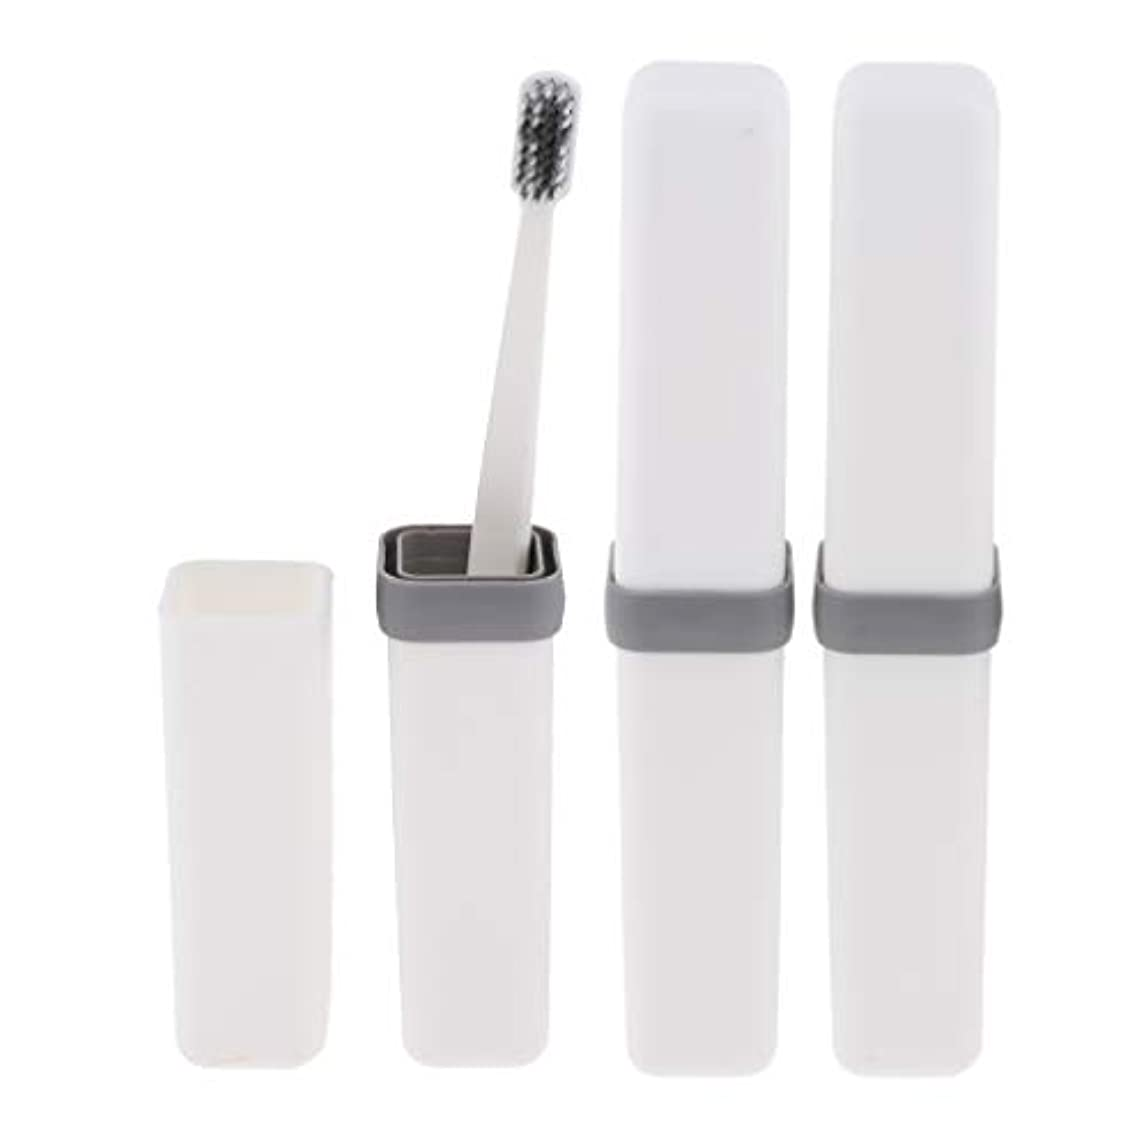 感謝祭船乗り普通にFenteer 歯ブラシ 歯磨き 歯清潔 収納ボックス付 旅行 キャンプ 学校 軽量 携帯 実用的 3個 全4色 - 白